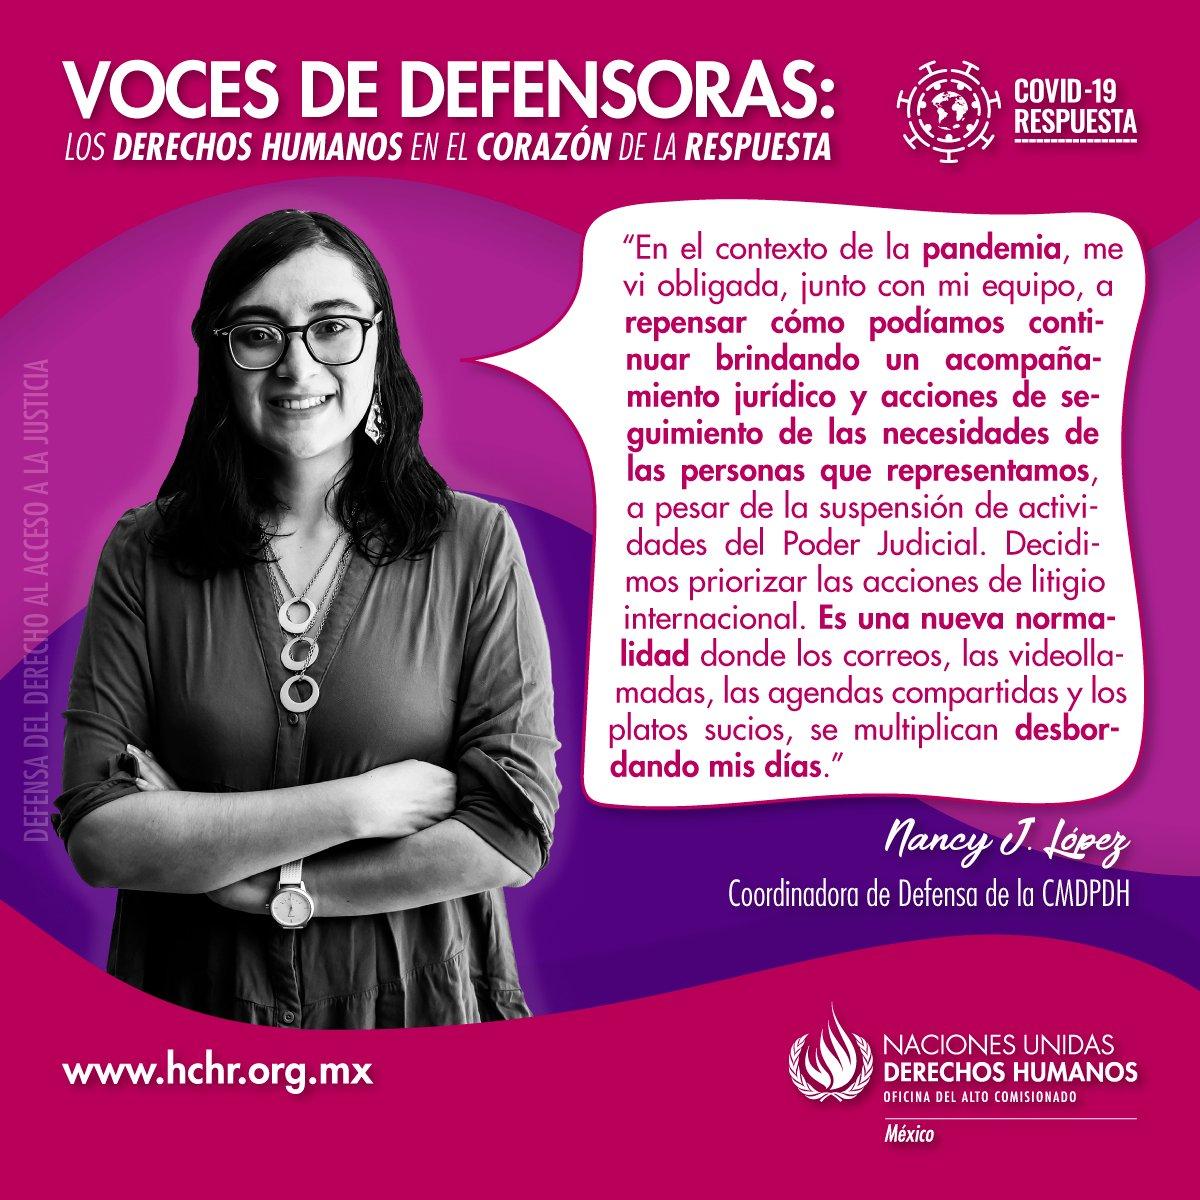 Nancy López, Coordinadora de Defensa de la @CMDPDH , usa su voz para defender el derecho de acceso a la justicia en medio de la nueva normalidad.   #VocesDeDefensoras #ONUMxCovid19  ¡Visita y comparte! 👉 https://t.co/0Y0KZfxhA0 https://t.co/2uKHrEZlXL